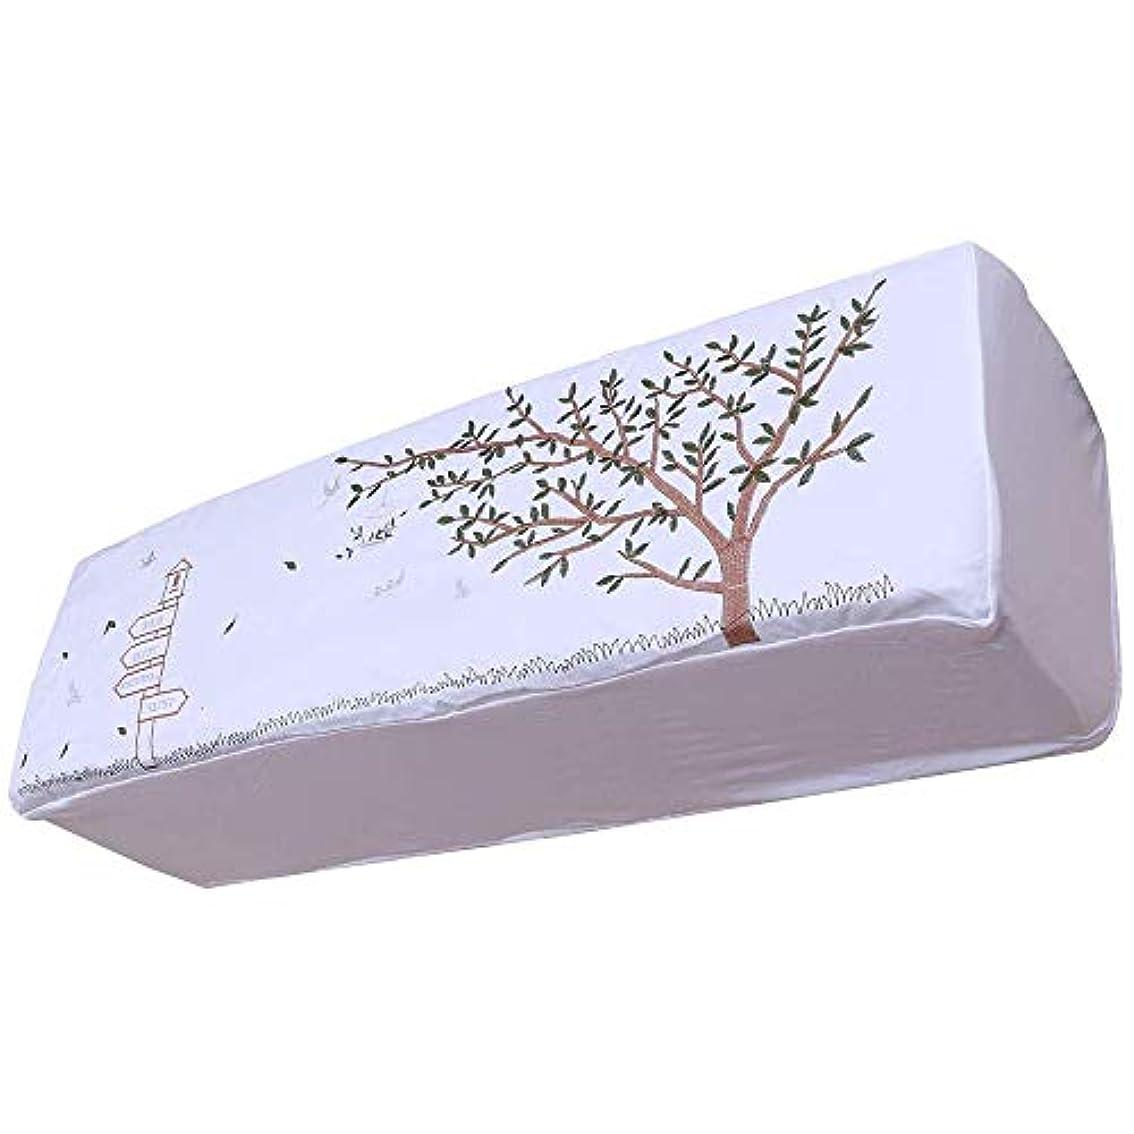 打撃コンサートクライアント1個 セット 刺繍樹木 エレガント おしゃれ エアコンカバー 室内用 室内機カバー家電防塵カバー